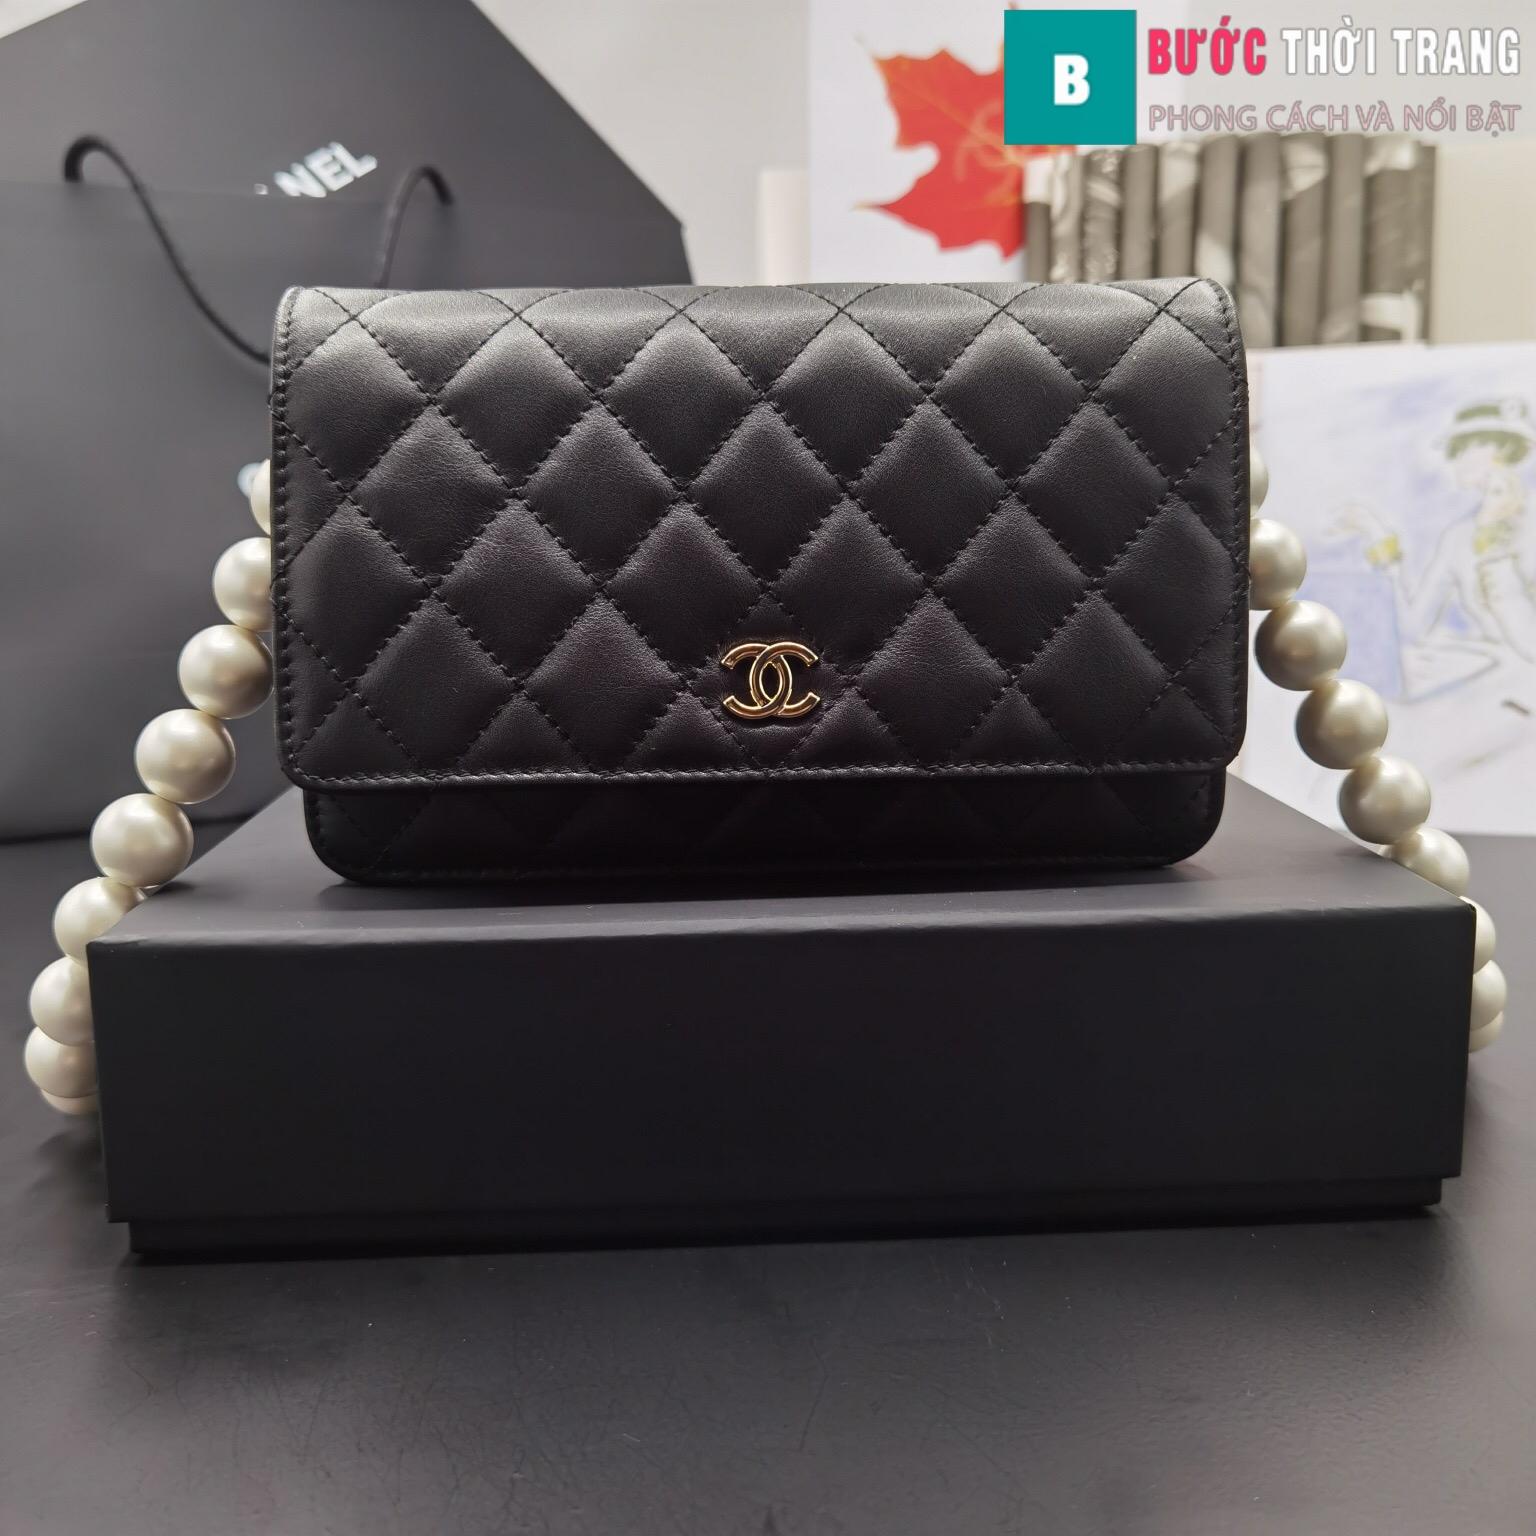 Túi Xách Chanel Classic Wallet On Chain siêu cấp (10)